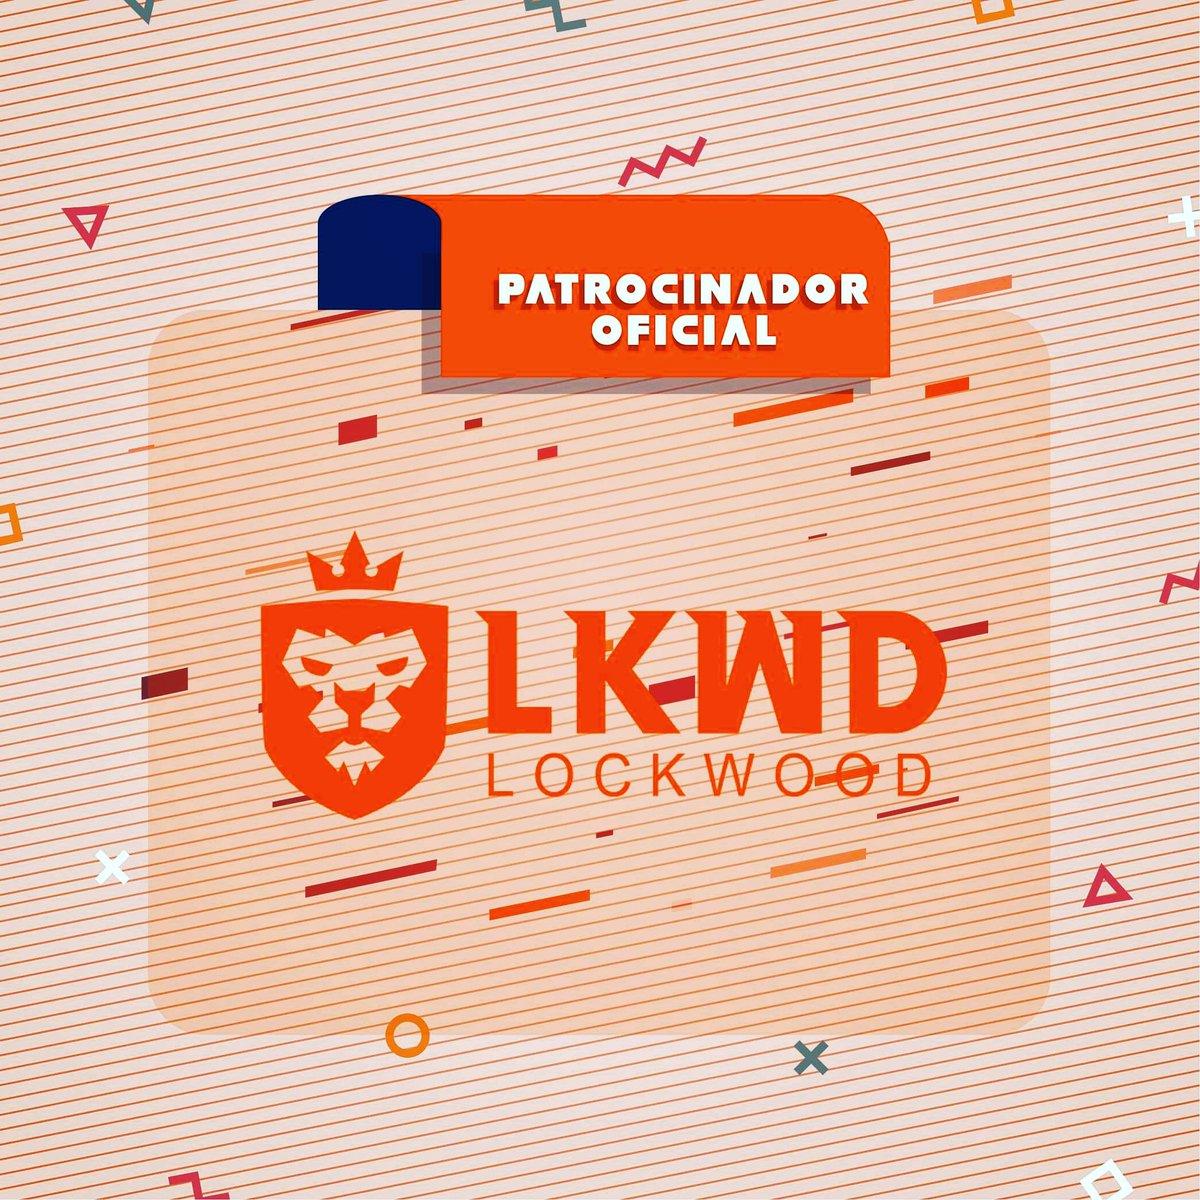 Grandes eventos, grandes sponsors né?   A @LockwoodLKWD é um dos patrocinadores oficiais da MAD Game Jam 2020.  Vão andar por lá à caça de talento, pois abriram recentemente um escritório em Lisboa e querem contratar!  Vais ficar de fora?  #beMAD https://t.co/aVQ0xRG3hW